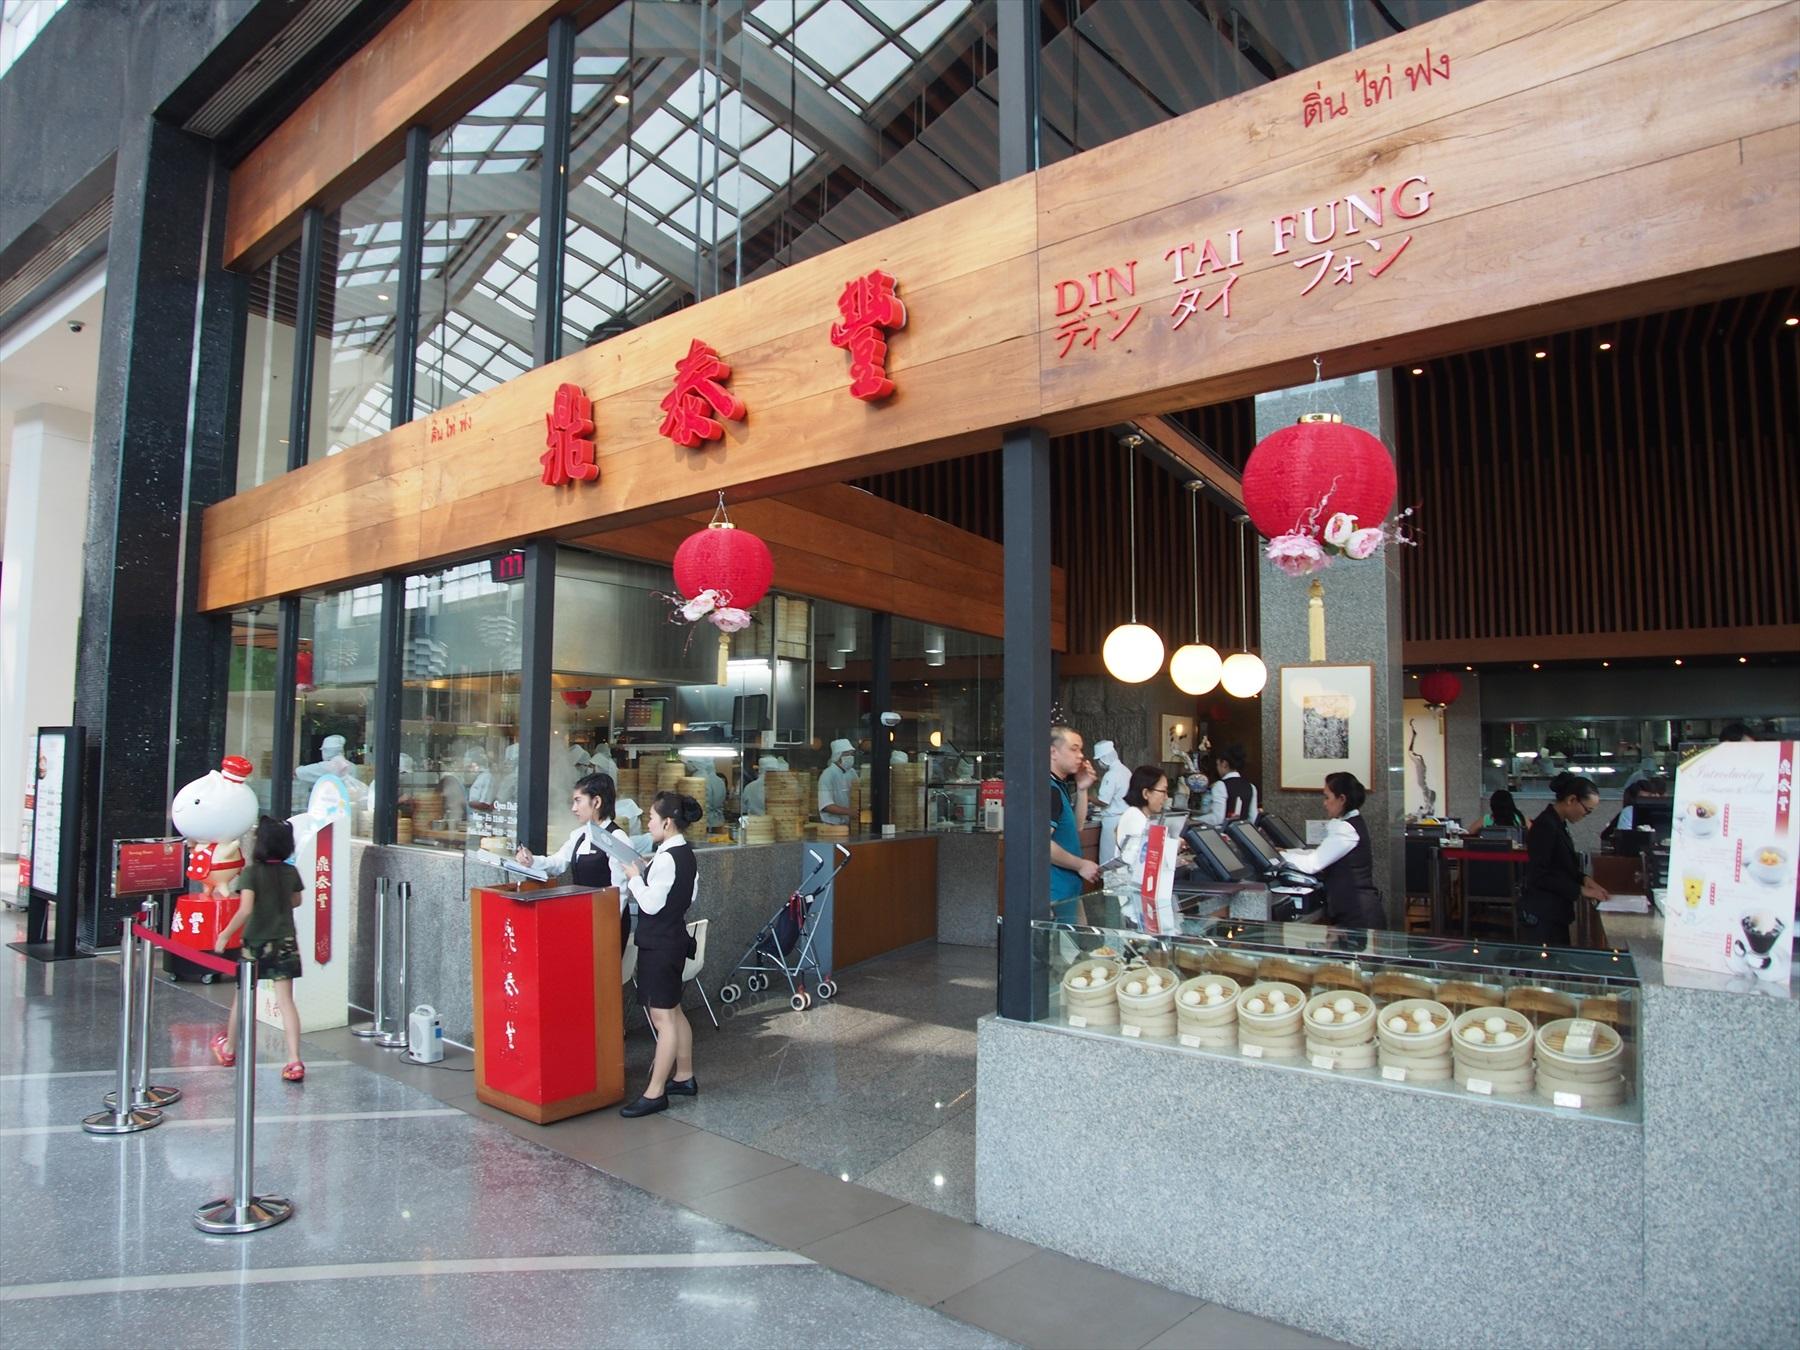 台湾でもっと有名な小籠包レストランのタイ支店「鼎泰豊(ディンタイフォン)」